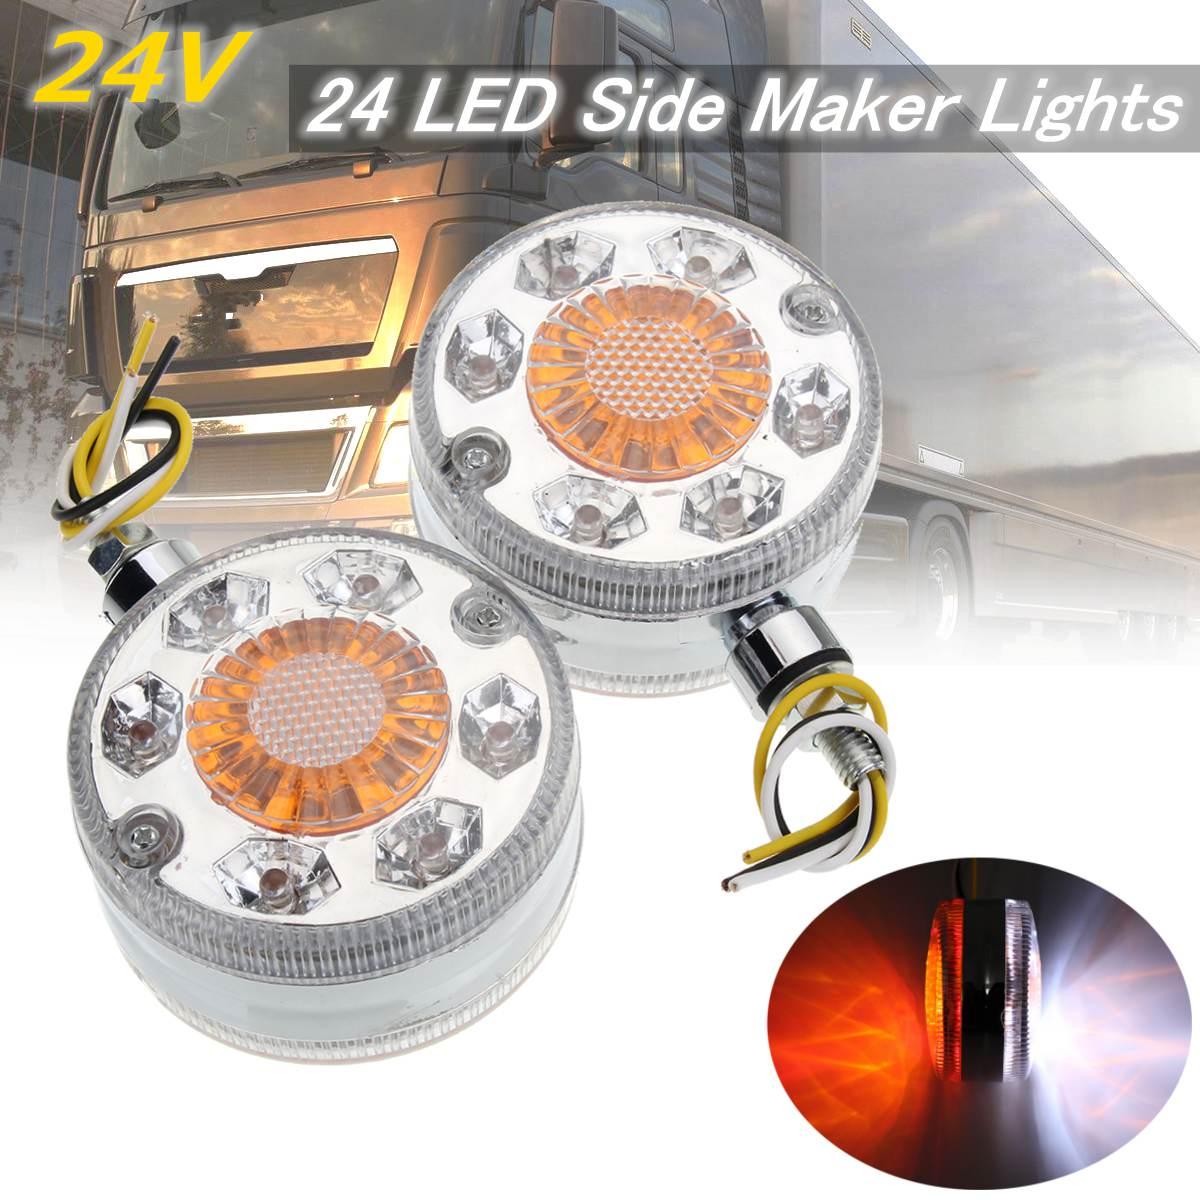 2 pièces Chrome rouge blanc ambre 24 LED côté fabricant lumières pour SCANIA DAF MAN RENAULT 24V